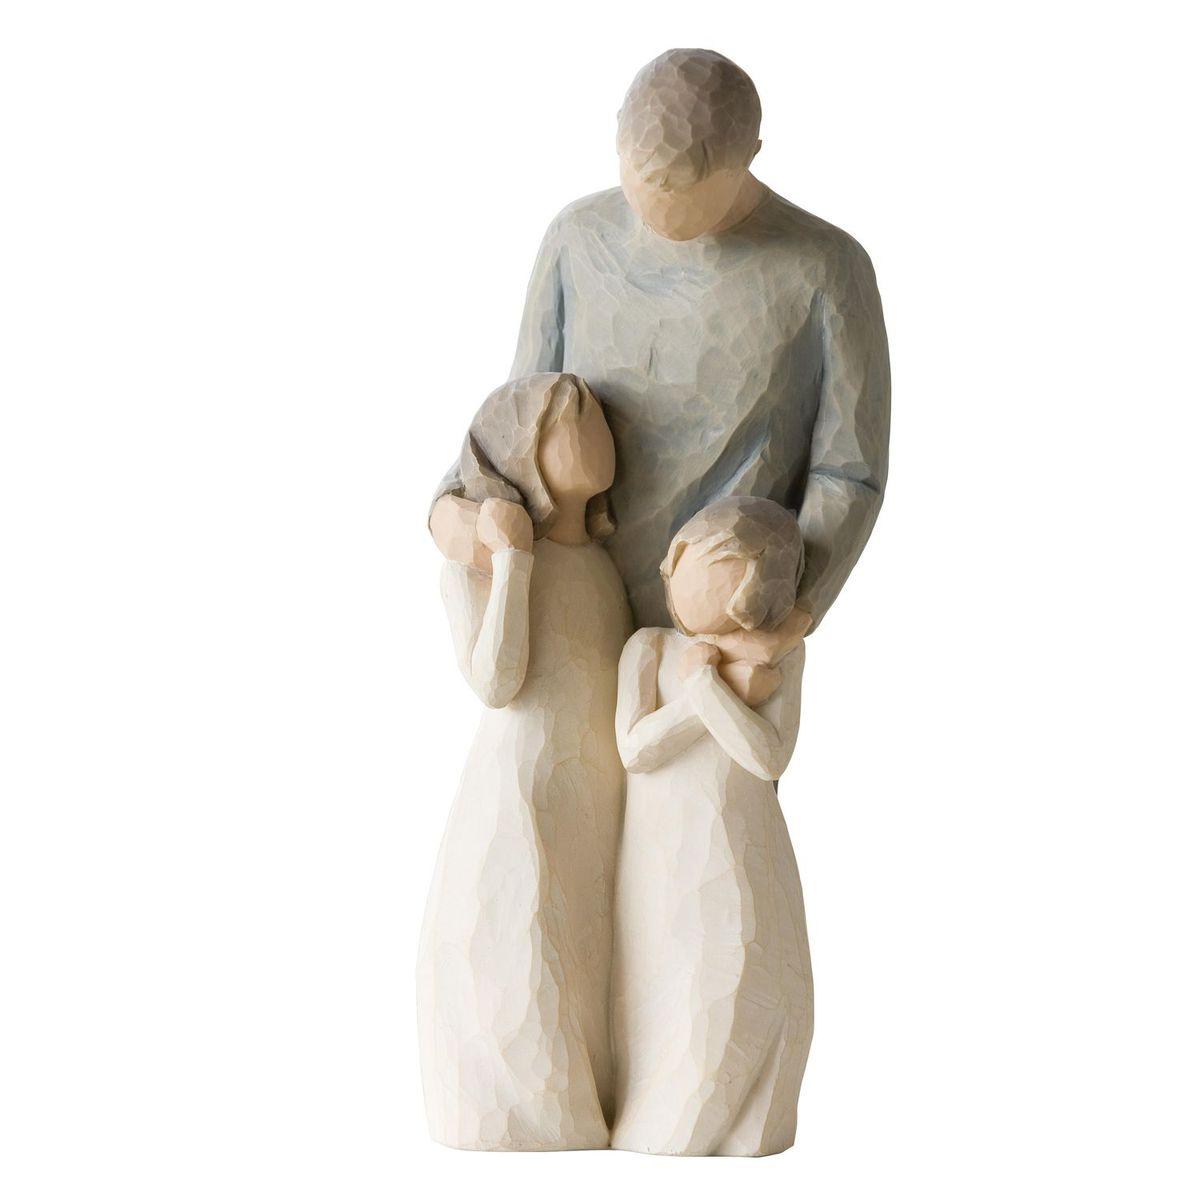 Фигурка декоративная Willow Tree Мои девочки, высота 20,5 см26232Декоративная фигурка Willow Tree создана канадским скульптором Сьюзан Лорди. Фигурка выполнена из искусственного камня (49% карбонат кальция мелкозернистой разновидности, 51% искусственный камень).Фигурка Willow Tree – это настоящее произведение искусства, образная скульптура в миниатюре, изображающая эмоции и чувства, которые помогают чувствовать себя ближе к другим, верить в мечту, выражать любовь.Фигурка помещена в красивую упаковку.Купить такой оригинальный подарок, значит не только украсить интерьер помещения или жилой комнаты, но выразить свое глубокое отношение к любимому человеку. Этот прекрасный сувенир будет лучшим подарком на день ангела, именины, день рождения, юбилей.